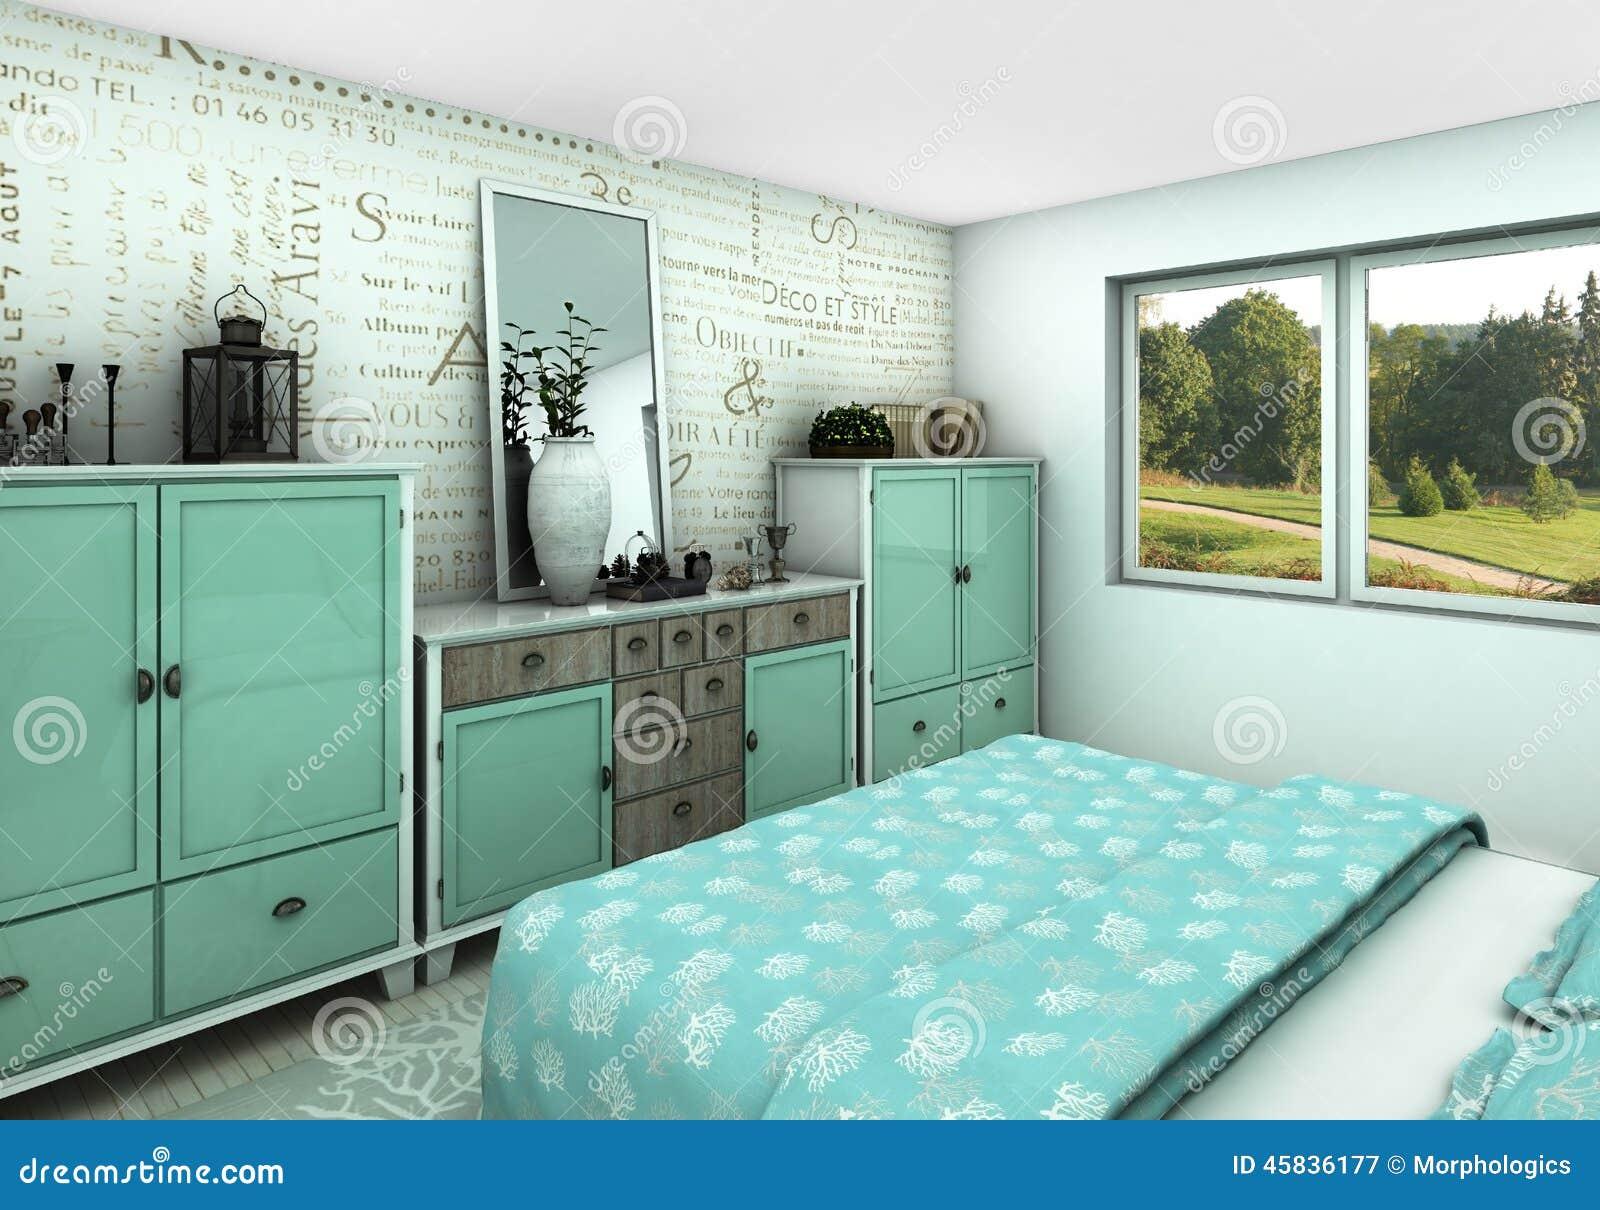 Camere Da Letto Turchese : Camera da letto accogliente del turchese illustrazione di stock